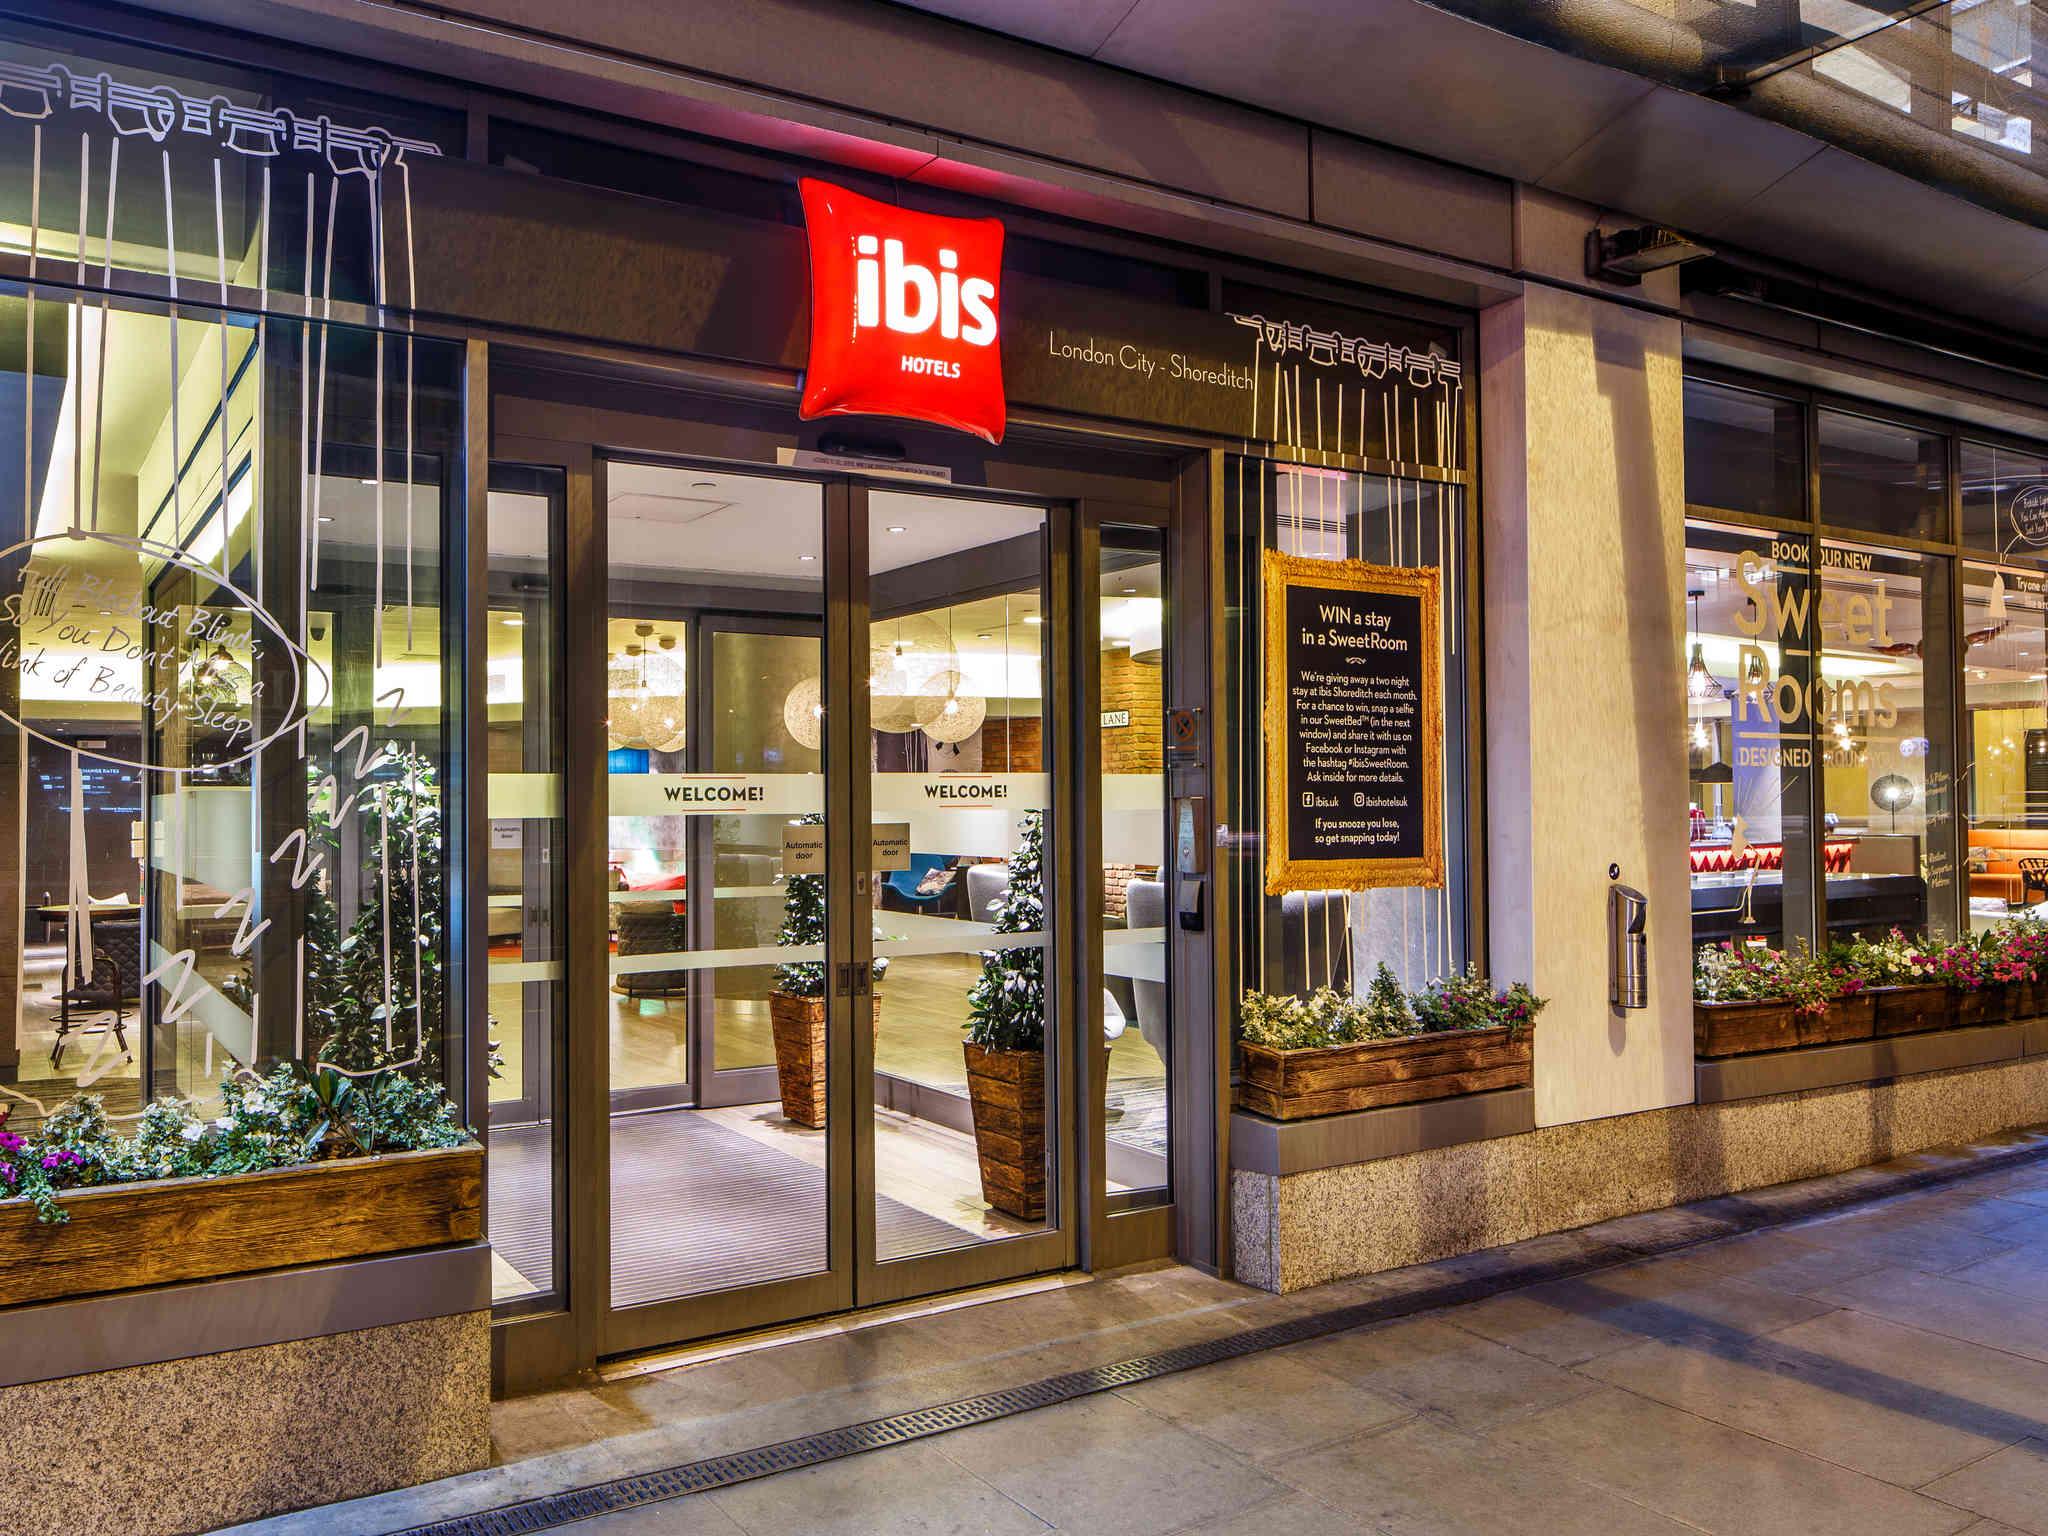 Hôtel - ibis Londres City - Shoreditch